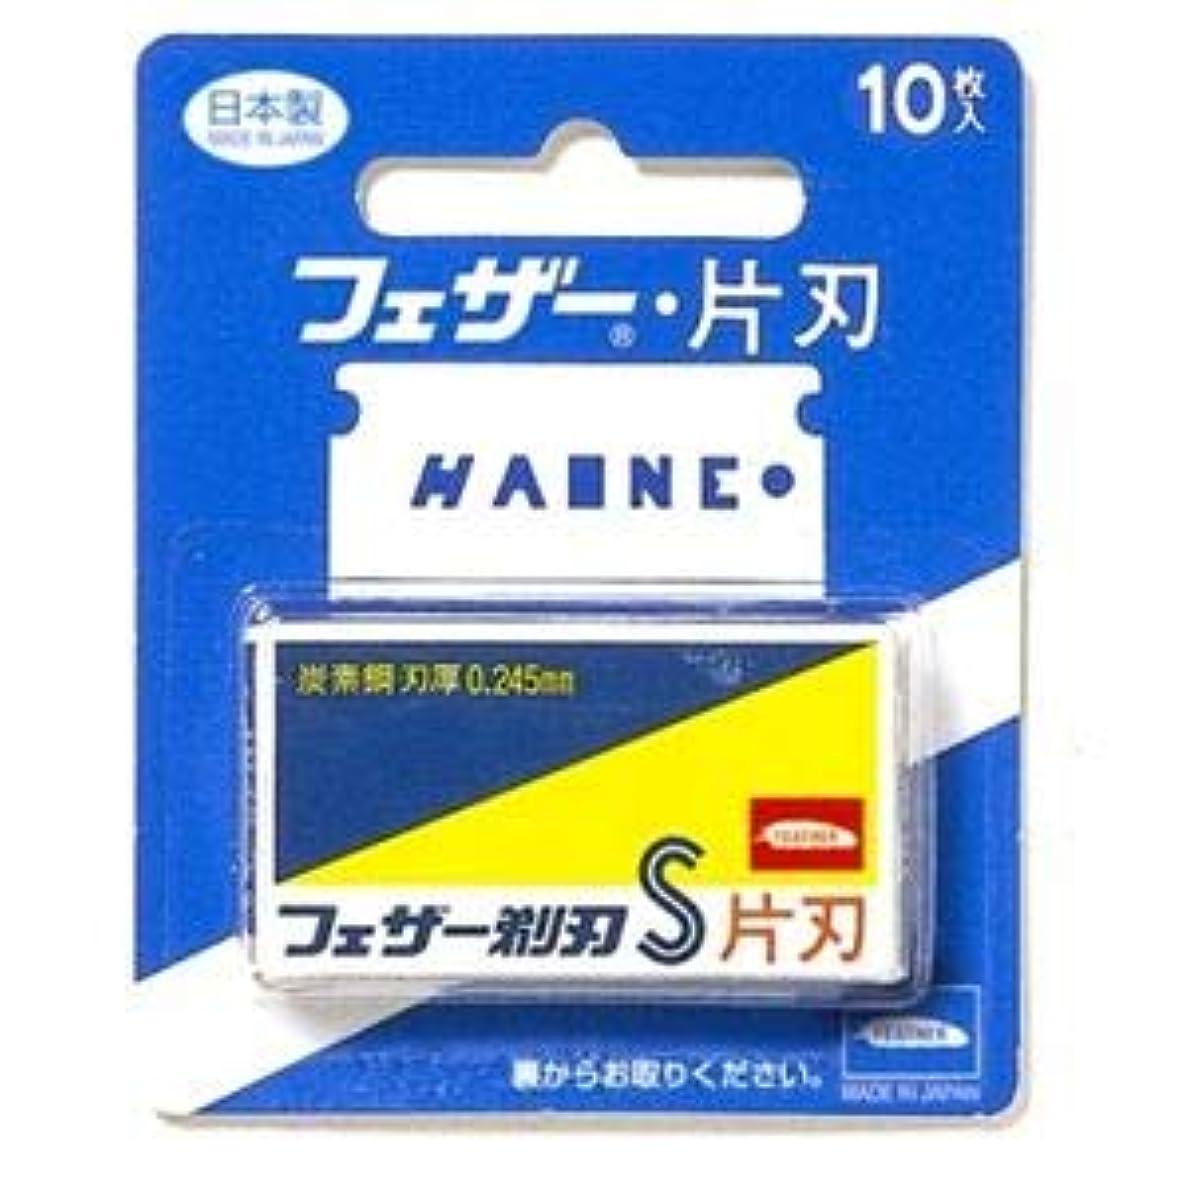 (まとめ)フェザー安全剃刃 青函片刃 10枚入 【×12点セット】